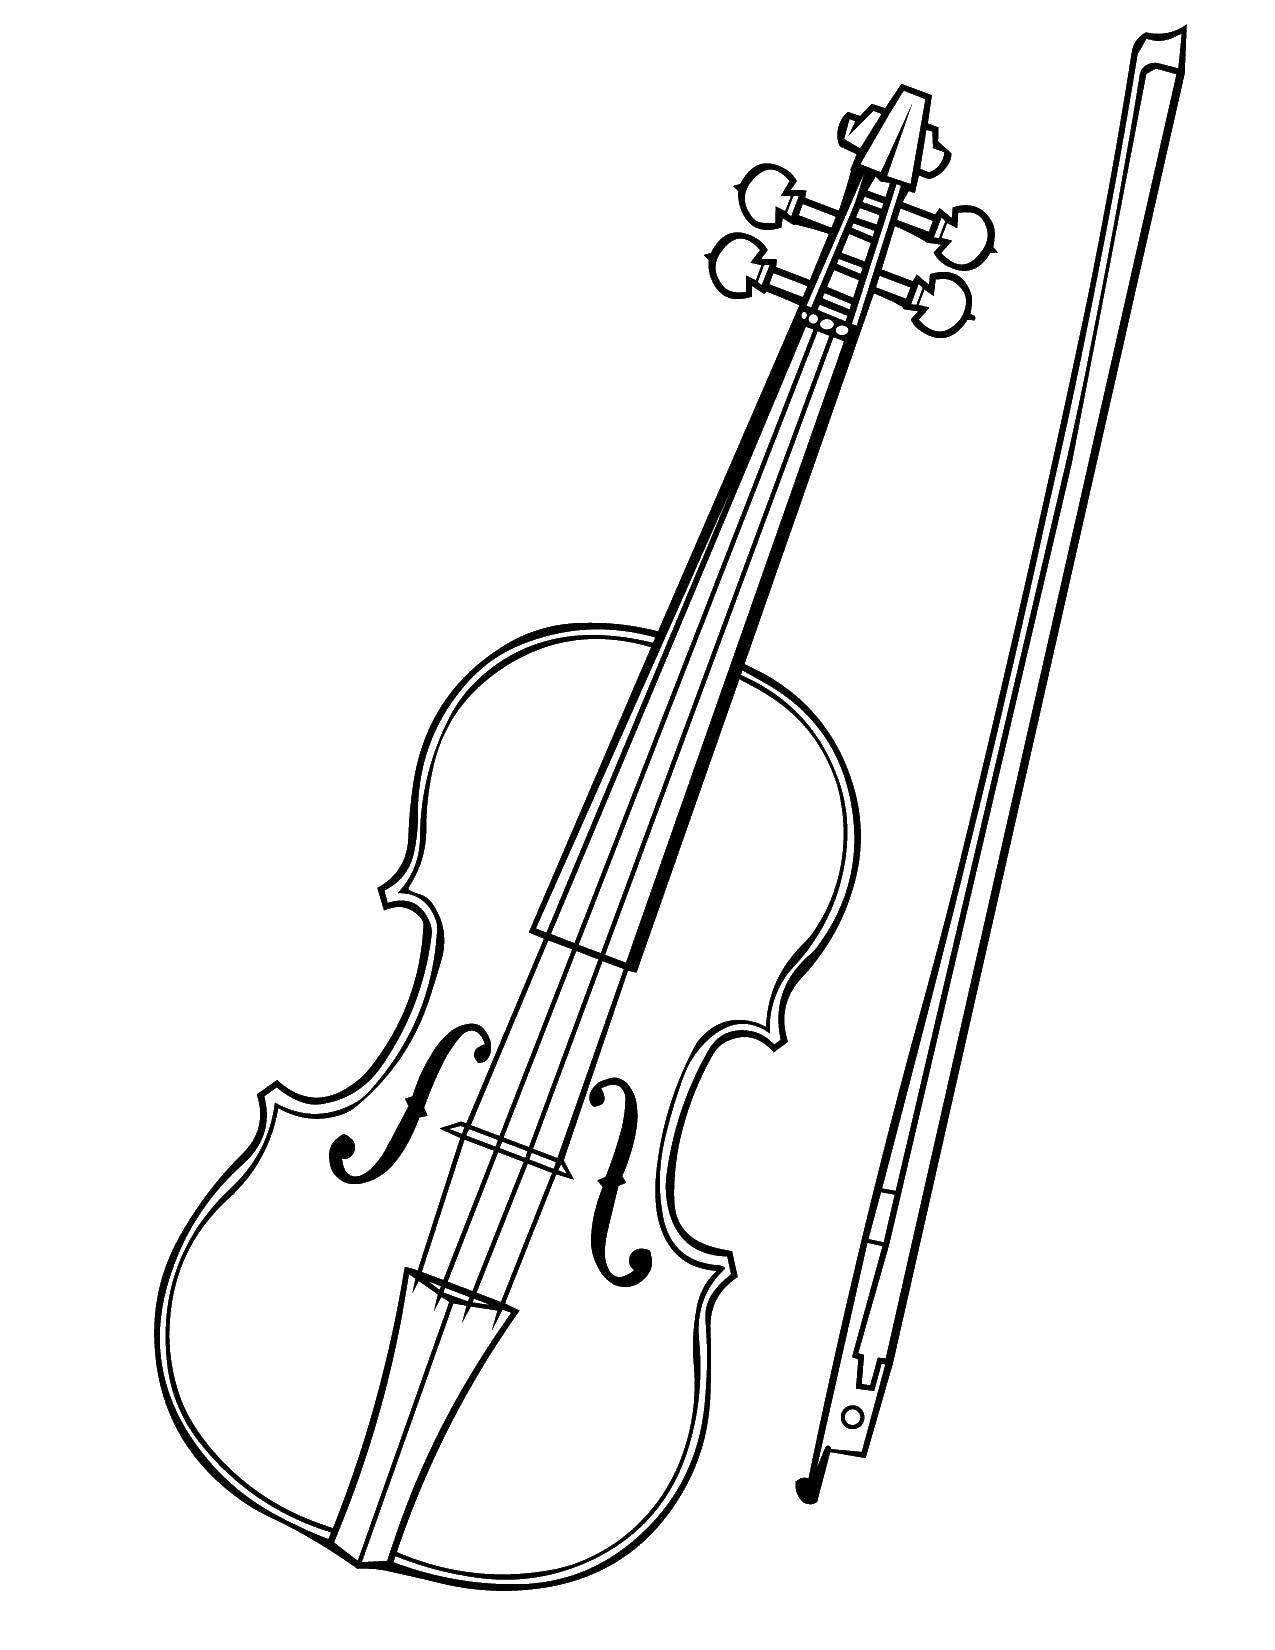 Раскраска Скрипка музыкальный инструмент Скачать скрипка, струны.  Распечатать ,Скрипка,